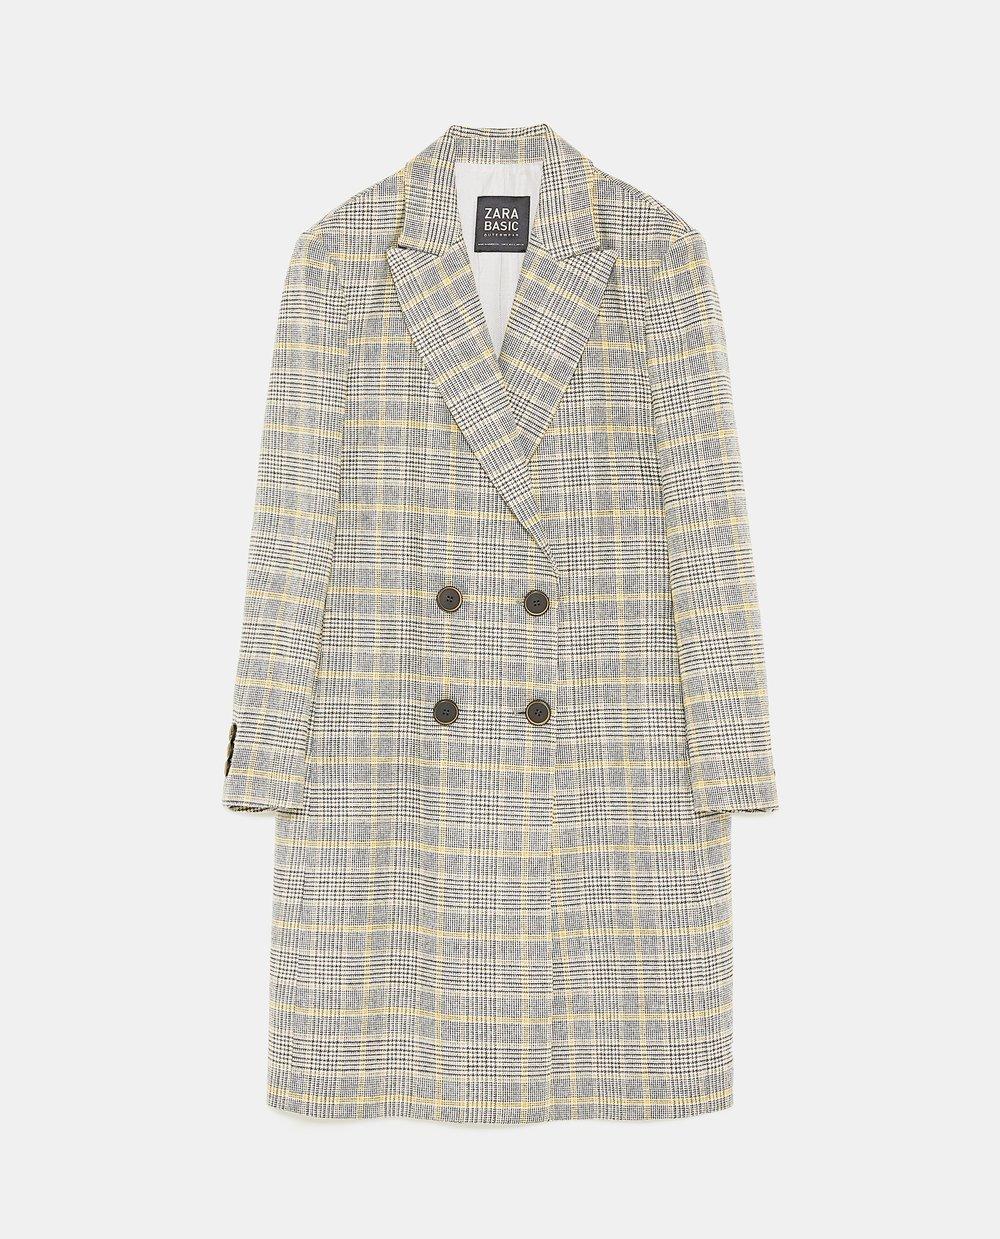 Coat, £89.99, Zara